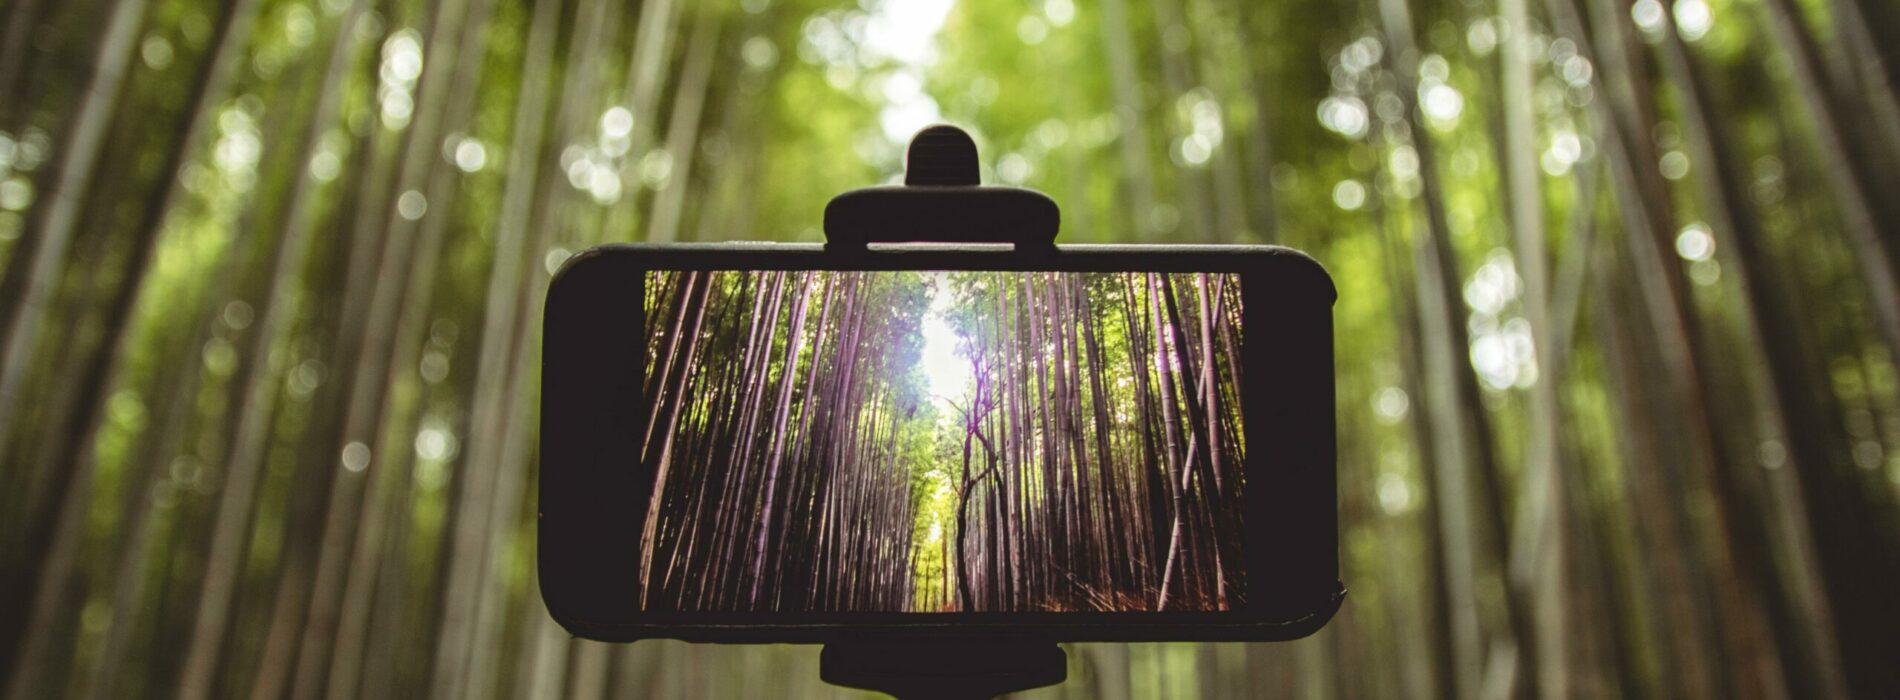 Stawy, selfie stick, monopod – co warto wybrać?